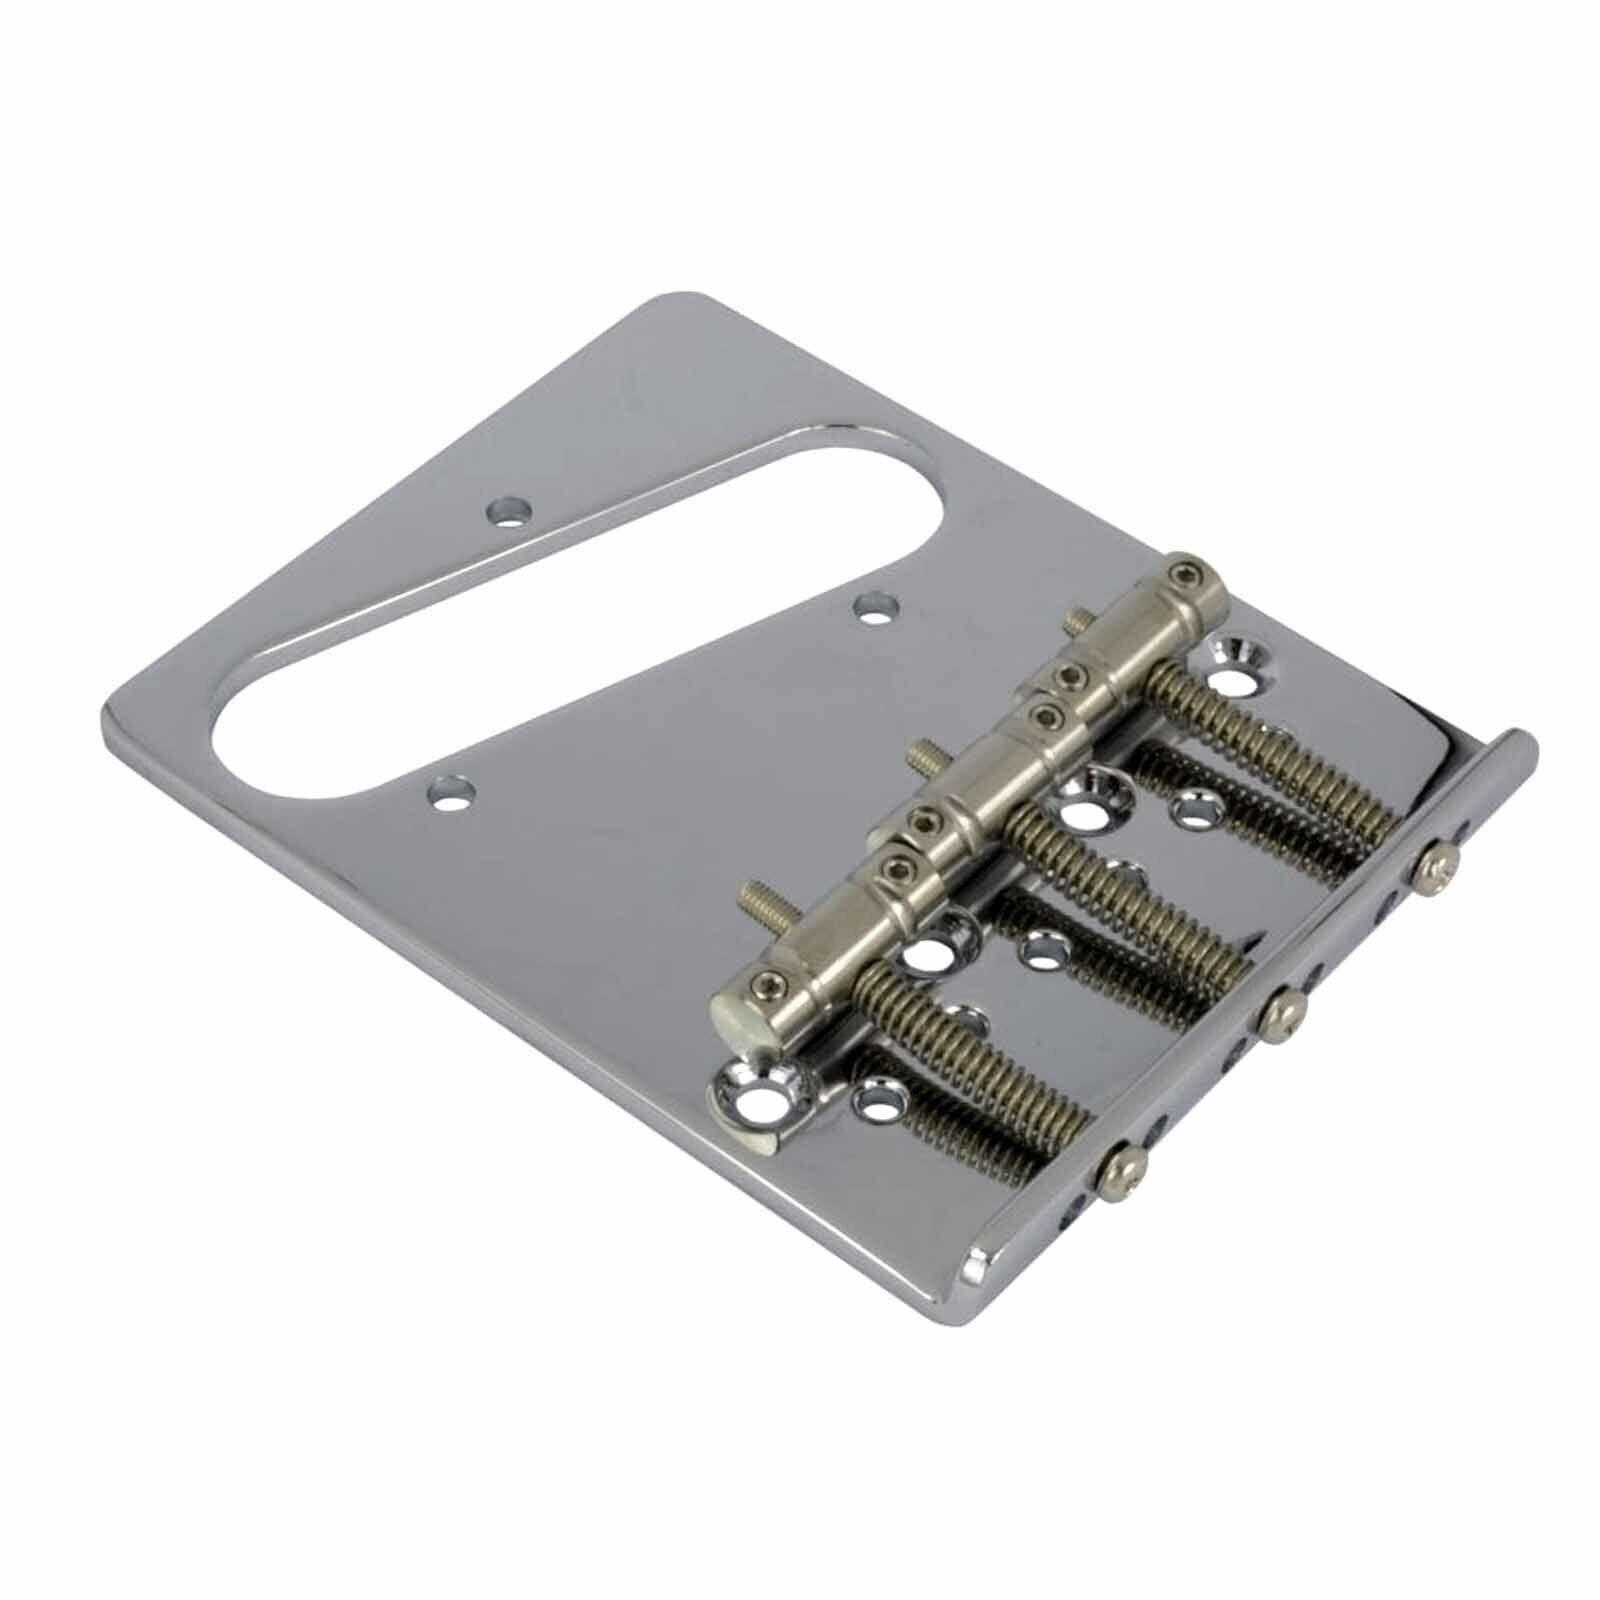 Cordier Tele Gotoh Ti-TC2 3x In-Tune Titanium Saddle Telecaster Replacemt Bridge